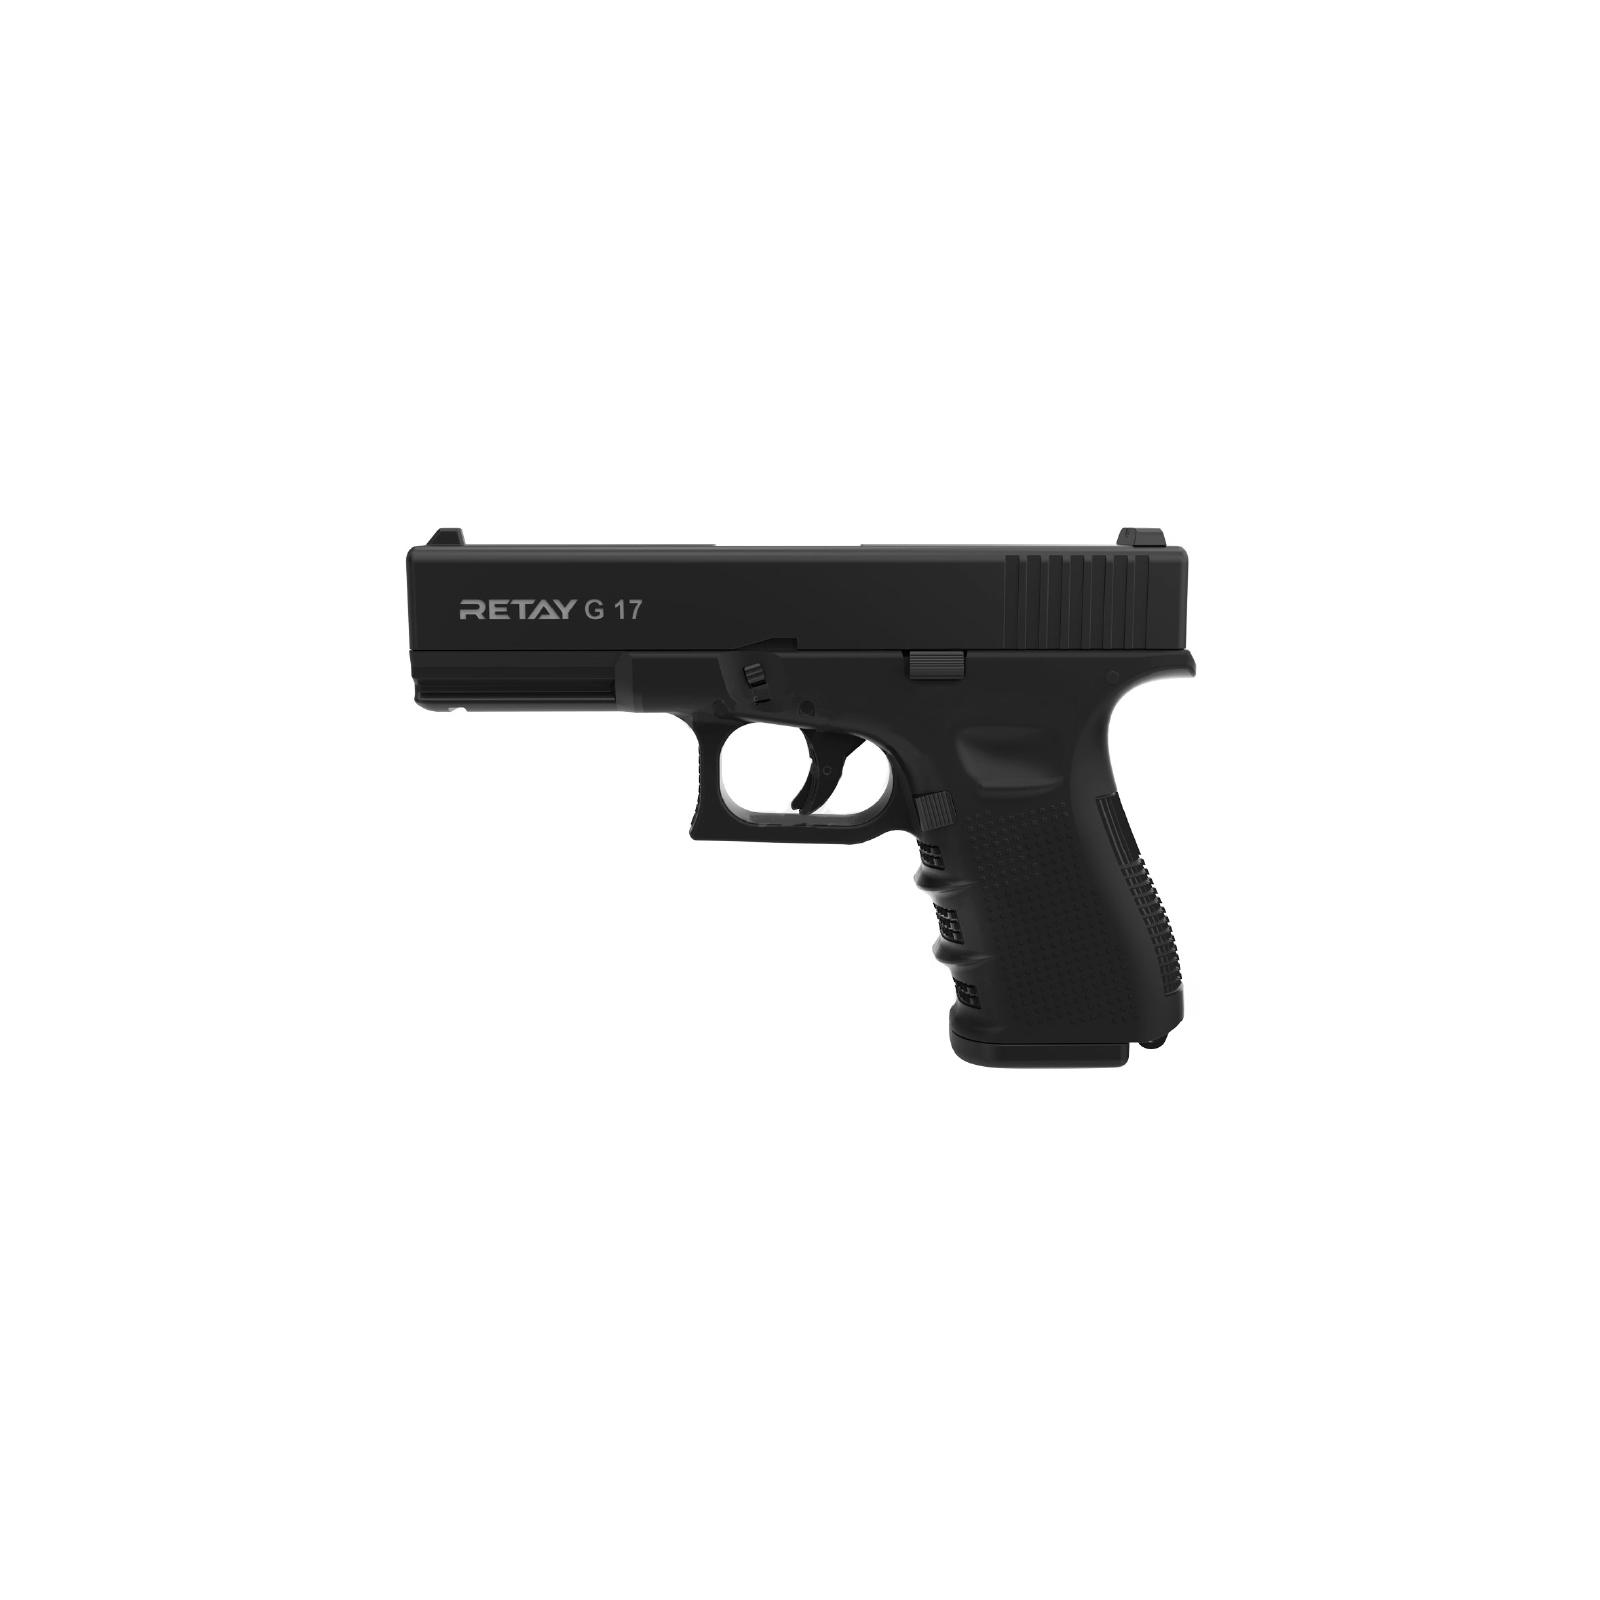 Стартовый пистолет Retay G17 Black (X314209B) цены в Киеве и Украине -  купить в магазине Brain: компьютеры и гаджеты